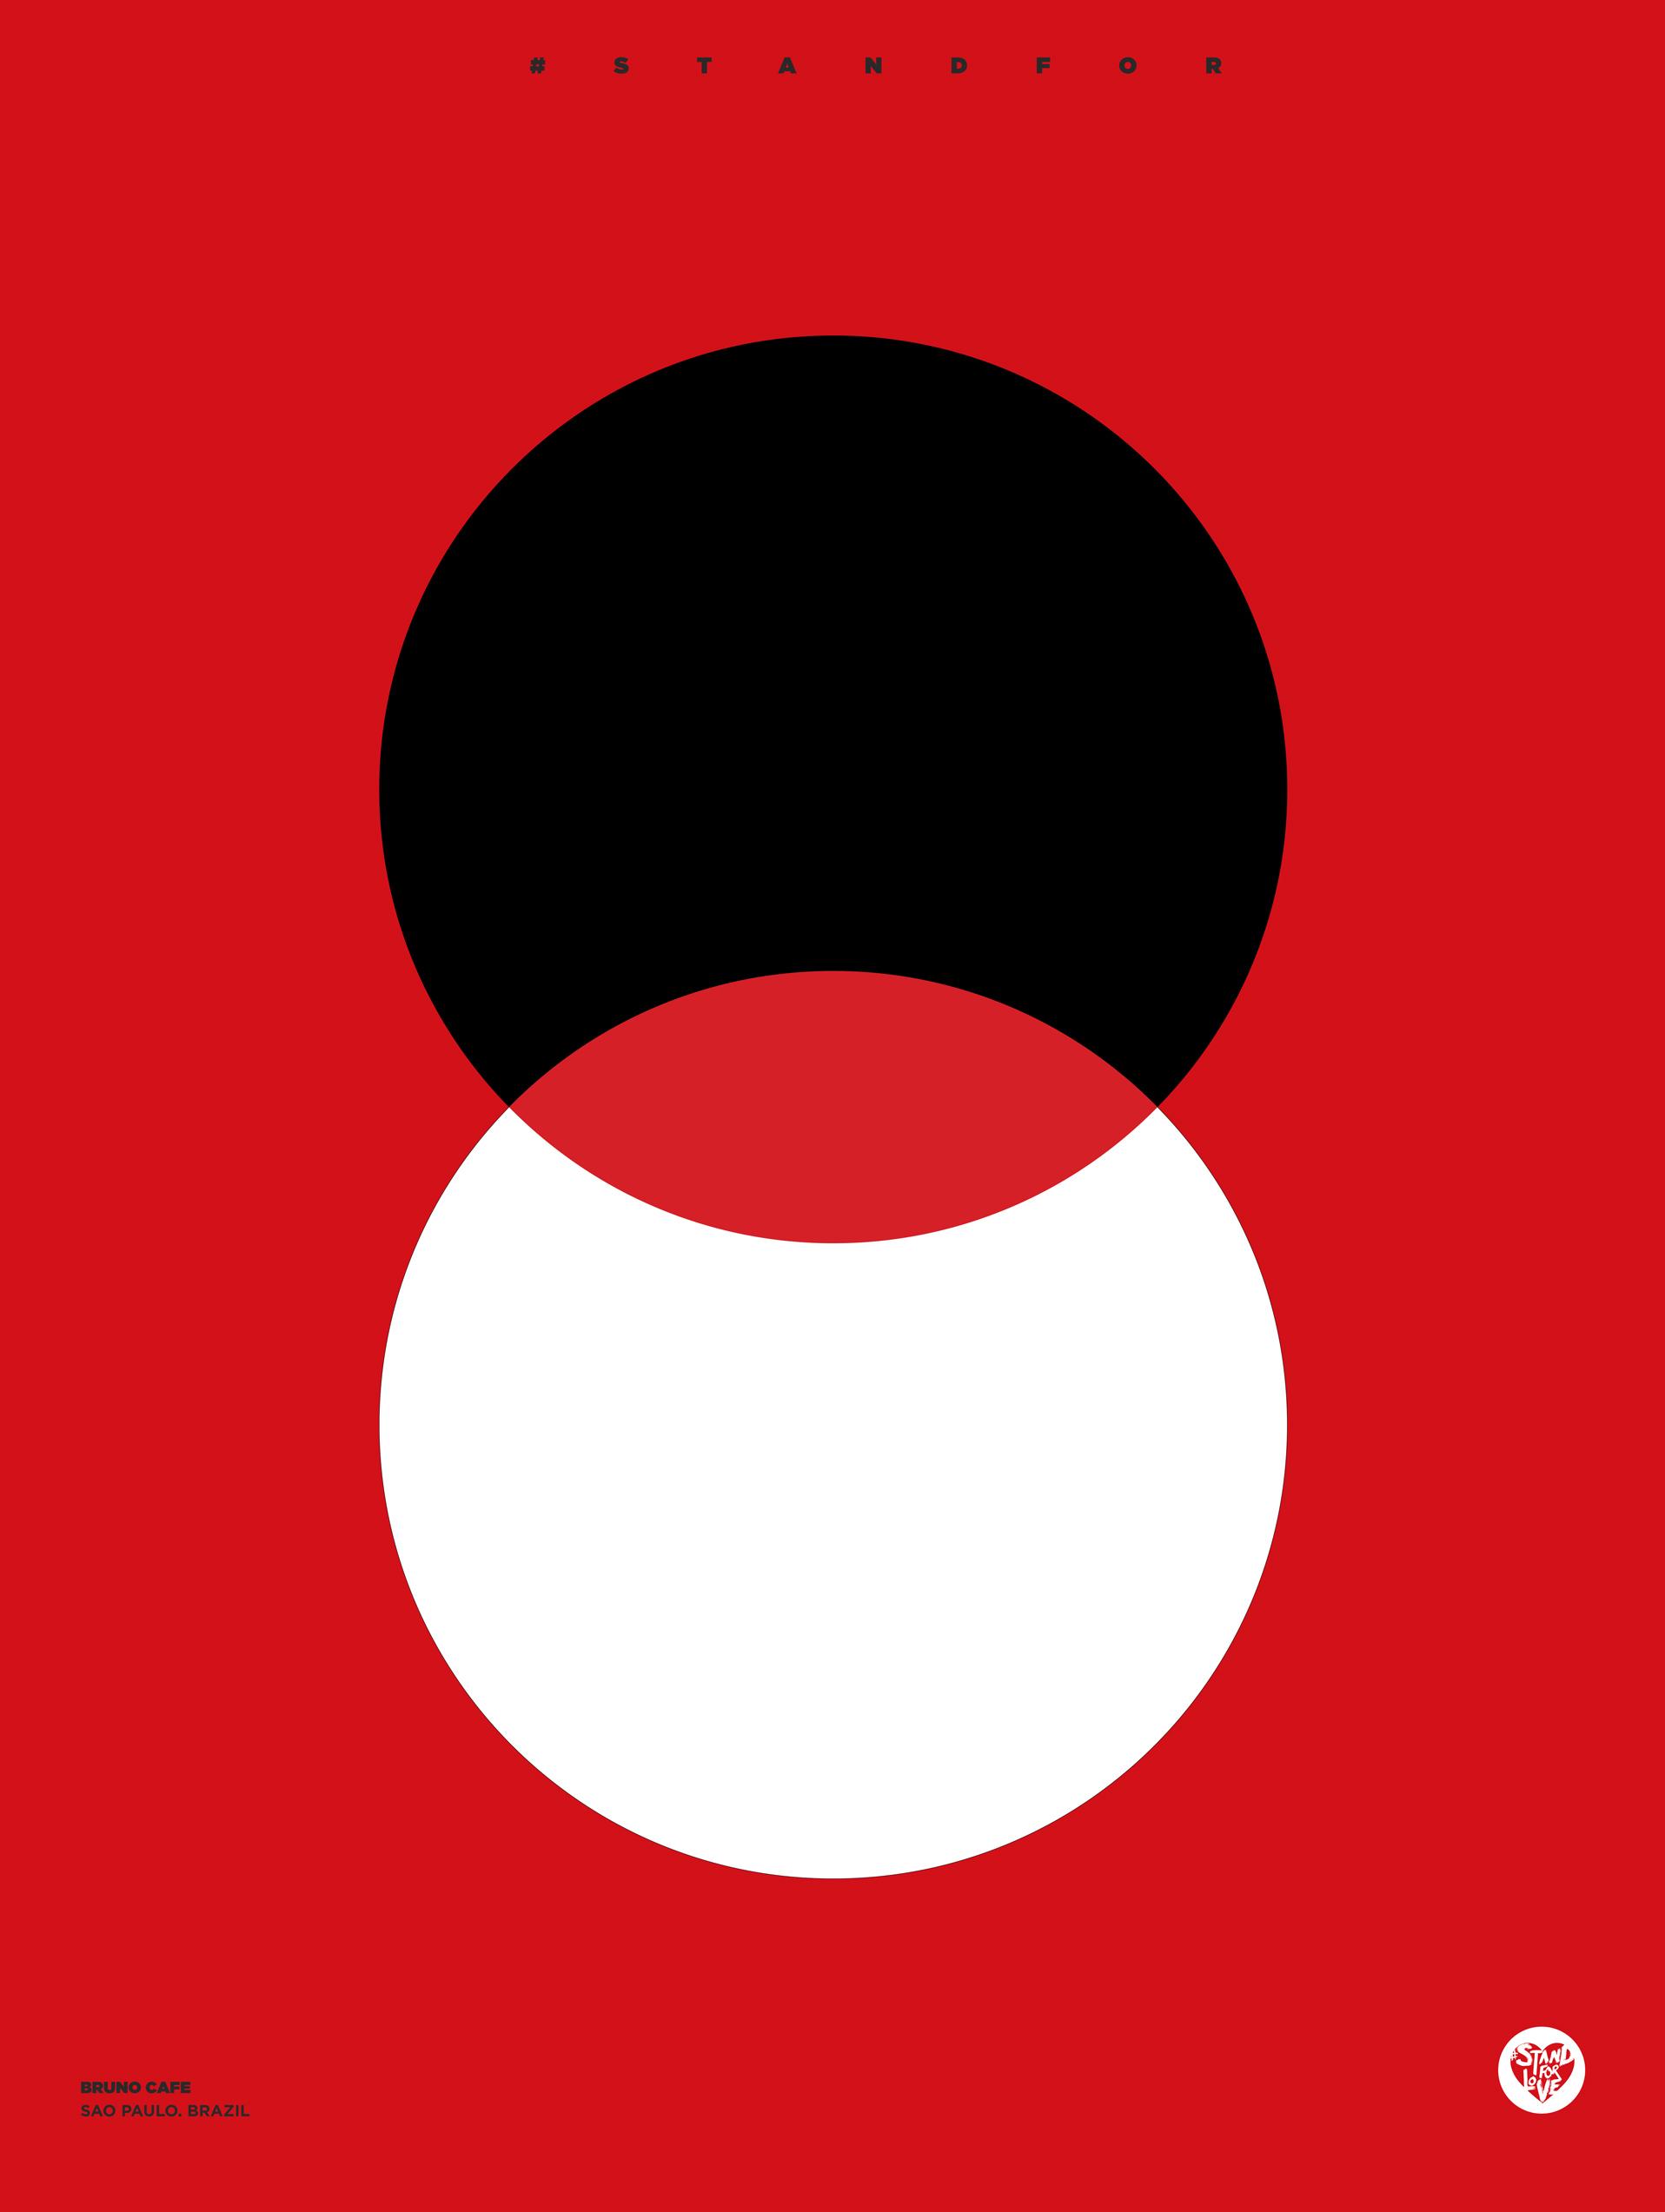 Bruno_Cafe_Love_Poster_01.jpg